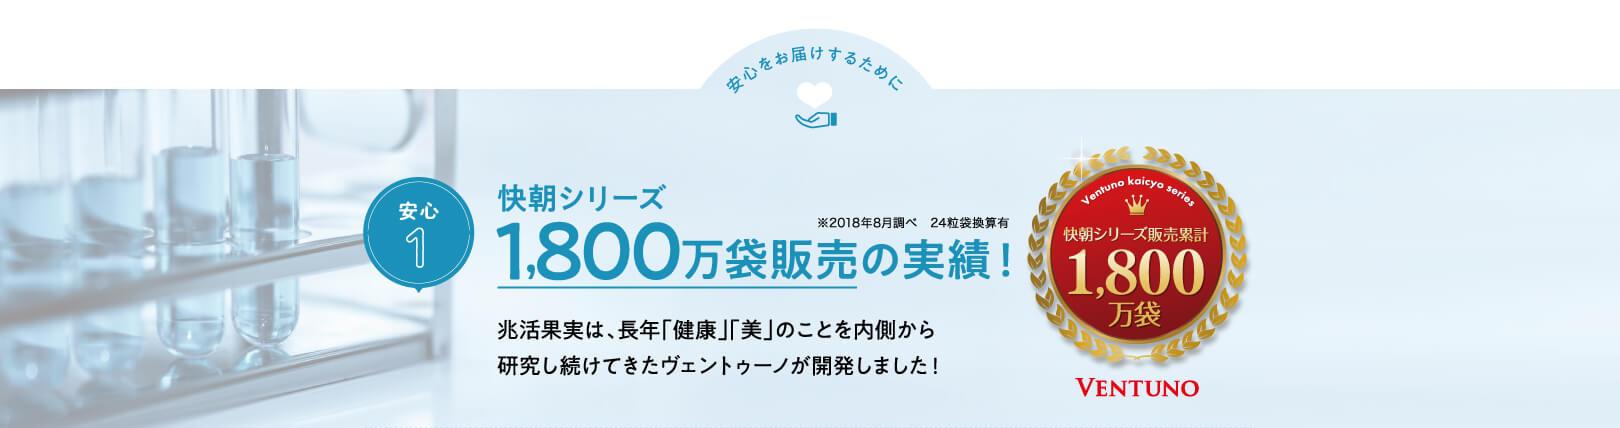 安心をお届けするために 安心1 快朝シリーズ1,800万袋販売の実績!